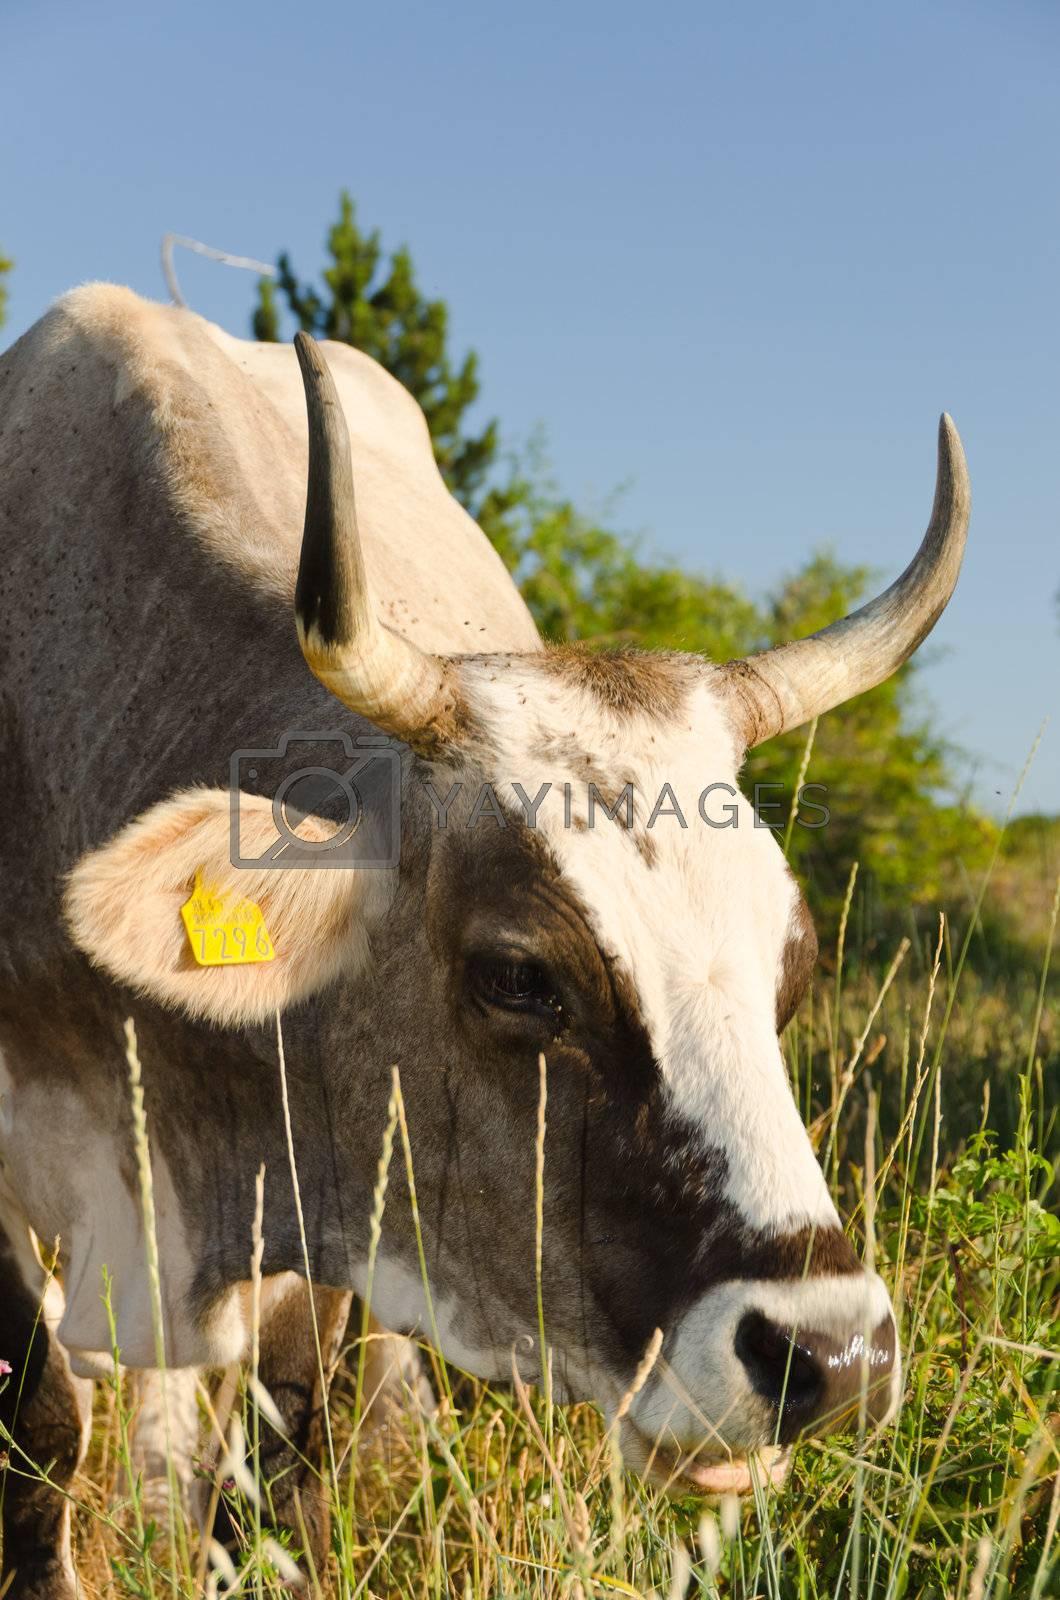 Branded cow portrait in a green field